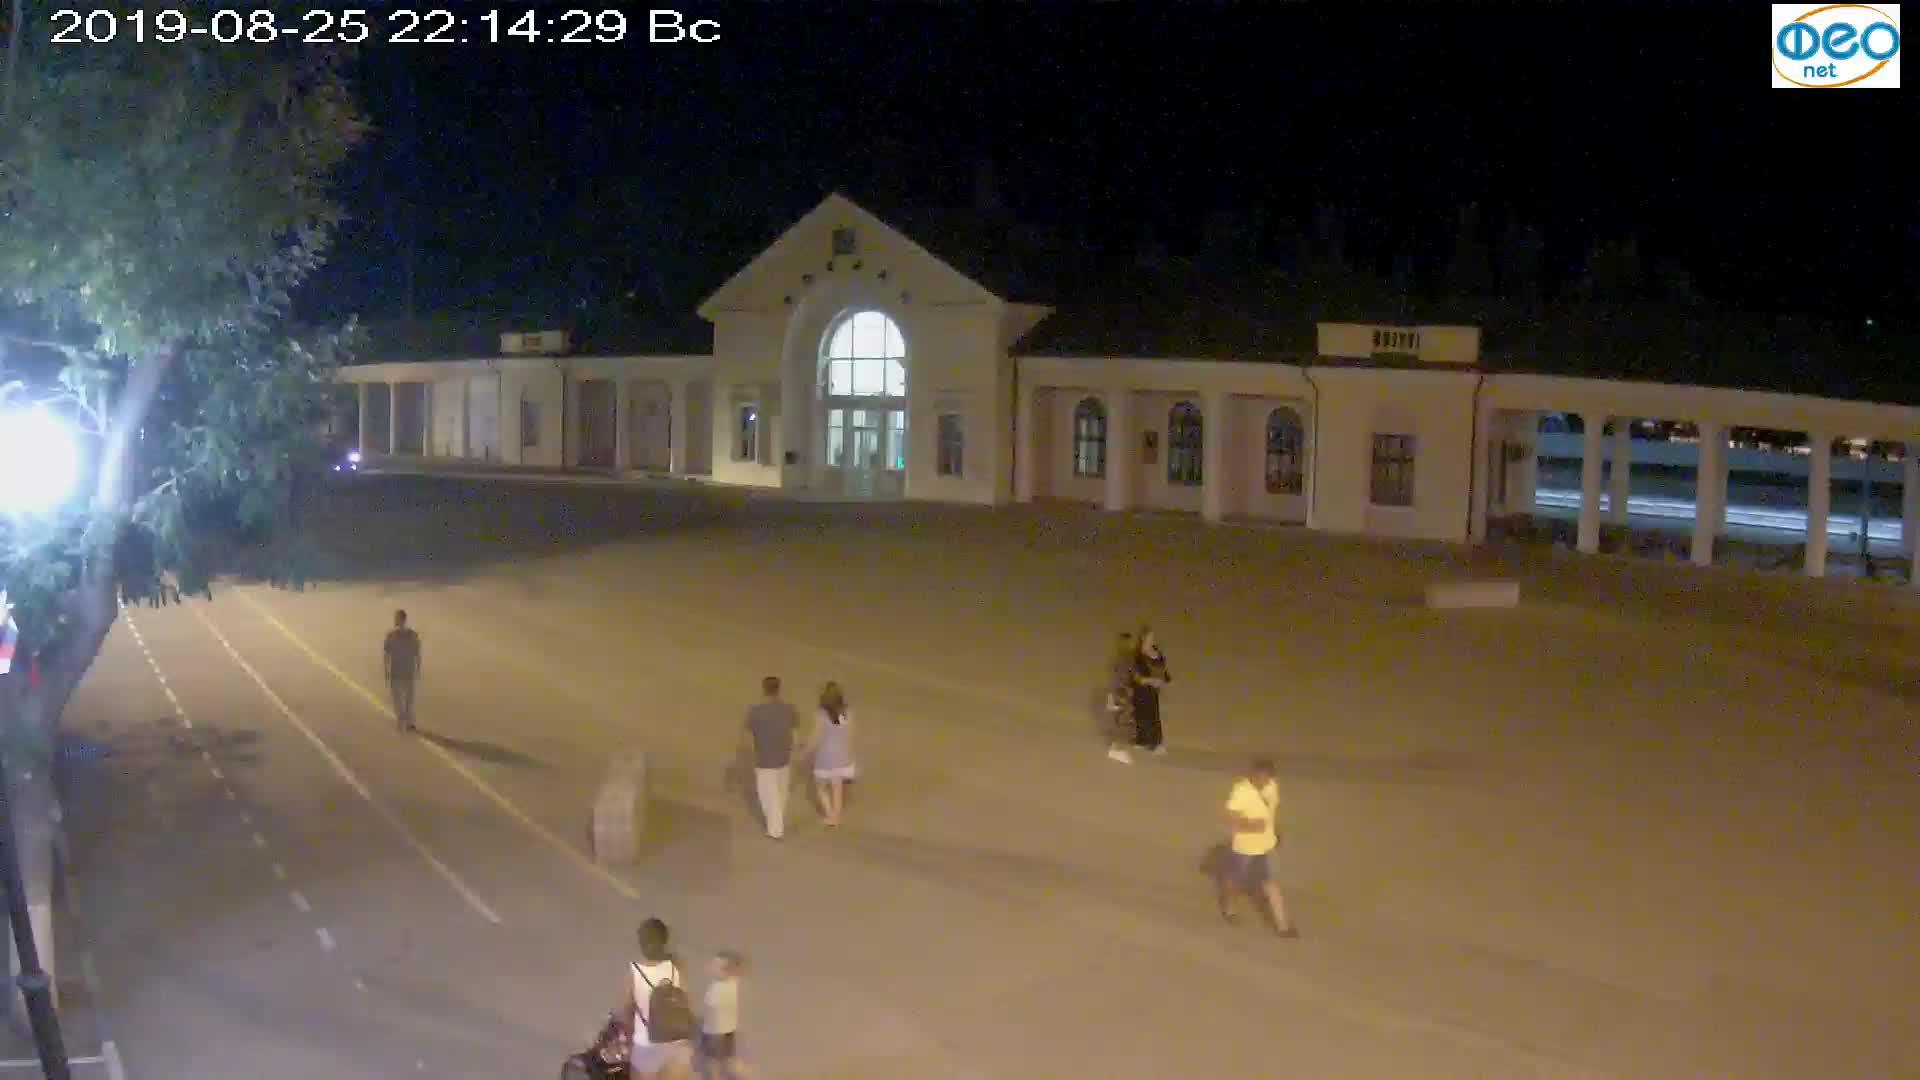 Веб-камеры Феодосии, Привокзальная площадь, 2019-08-25 22:30:06